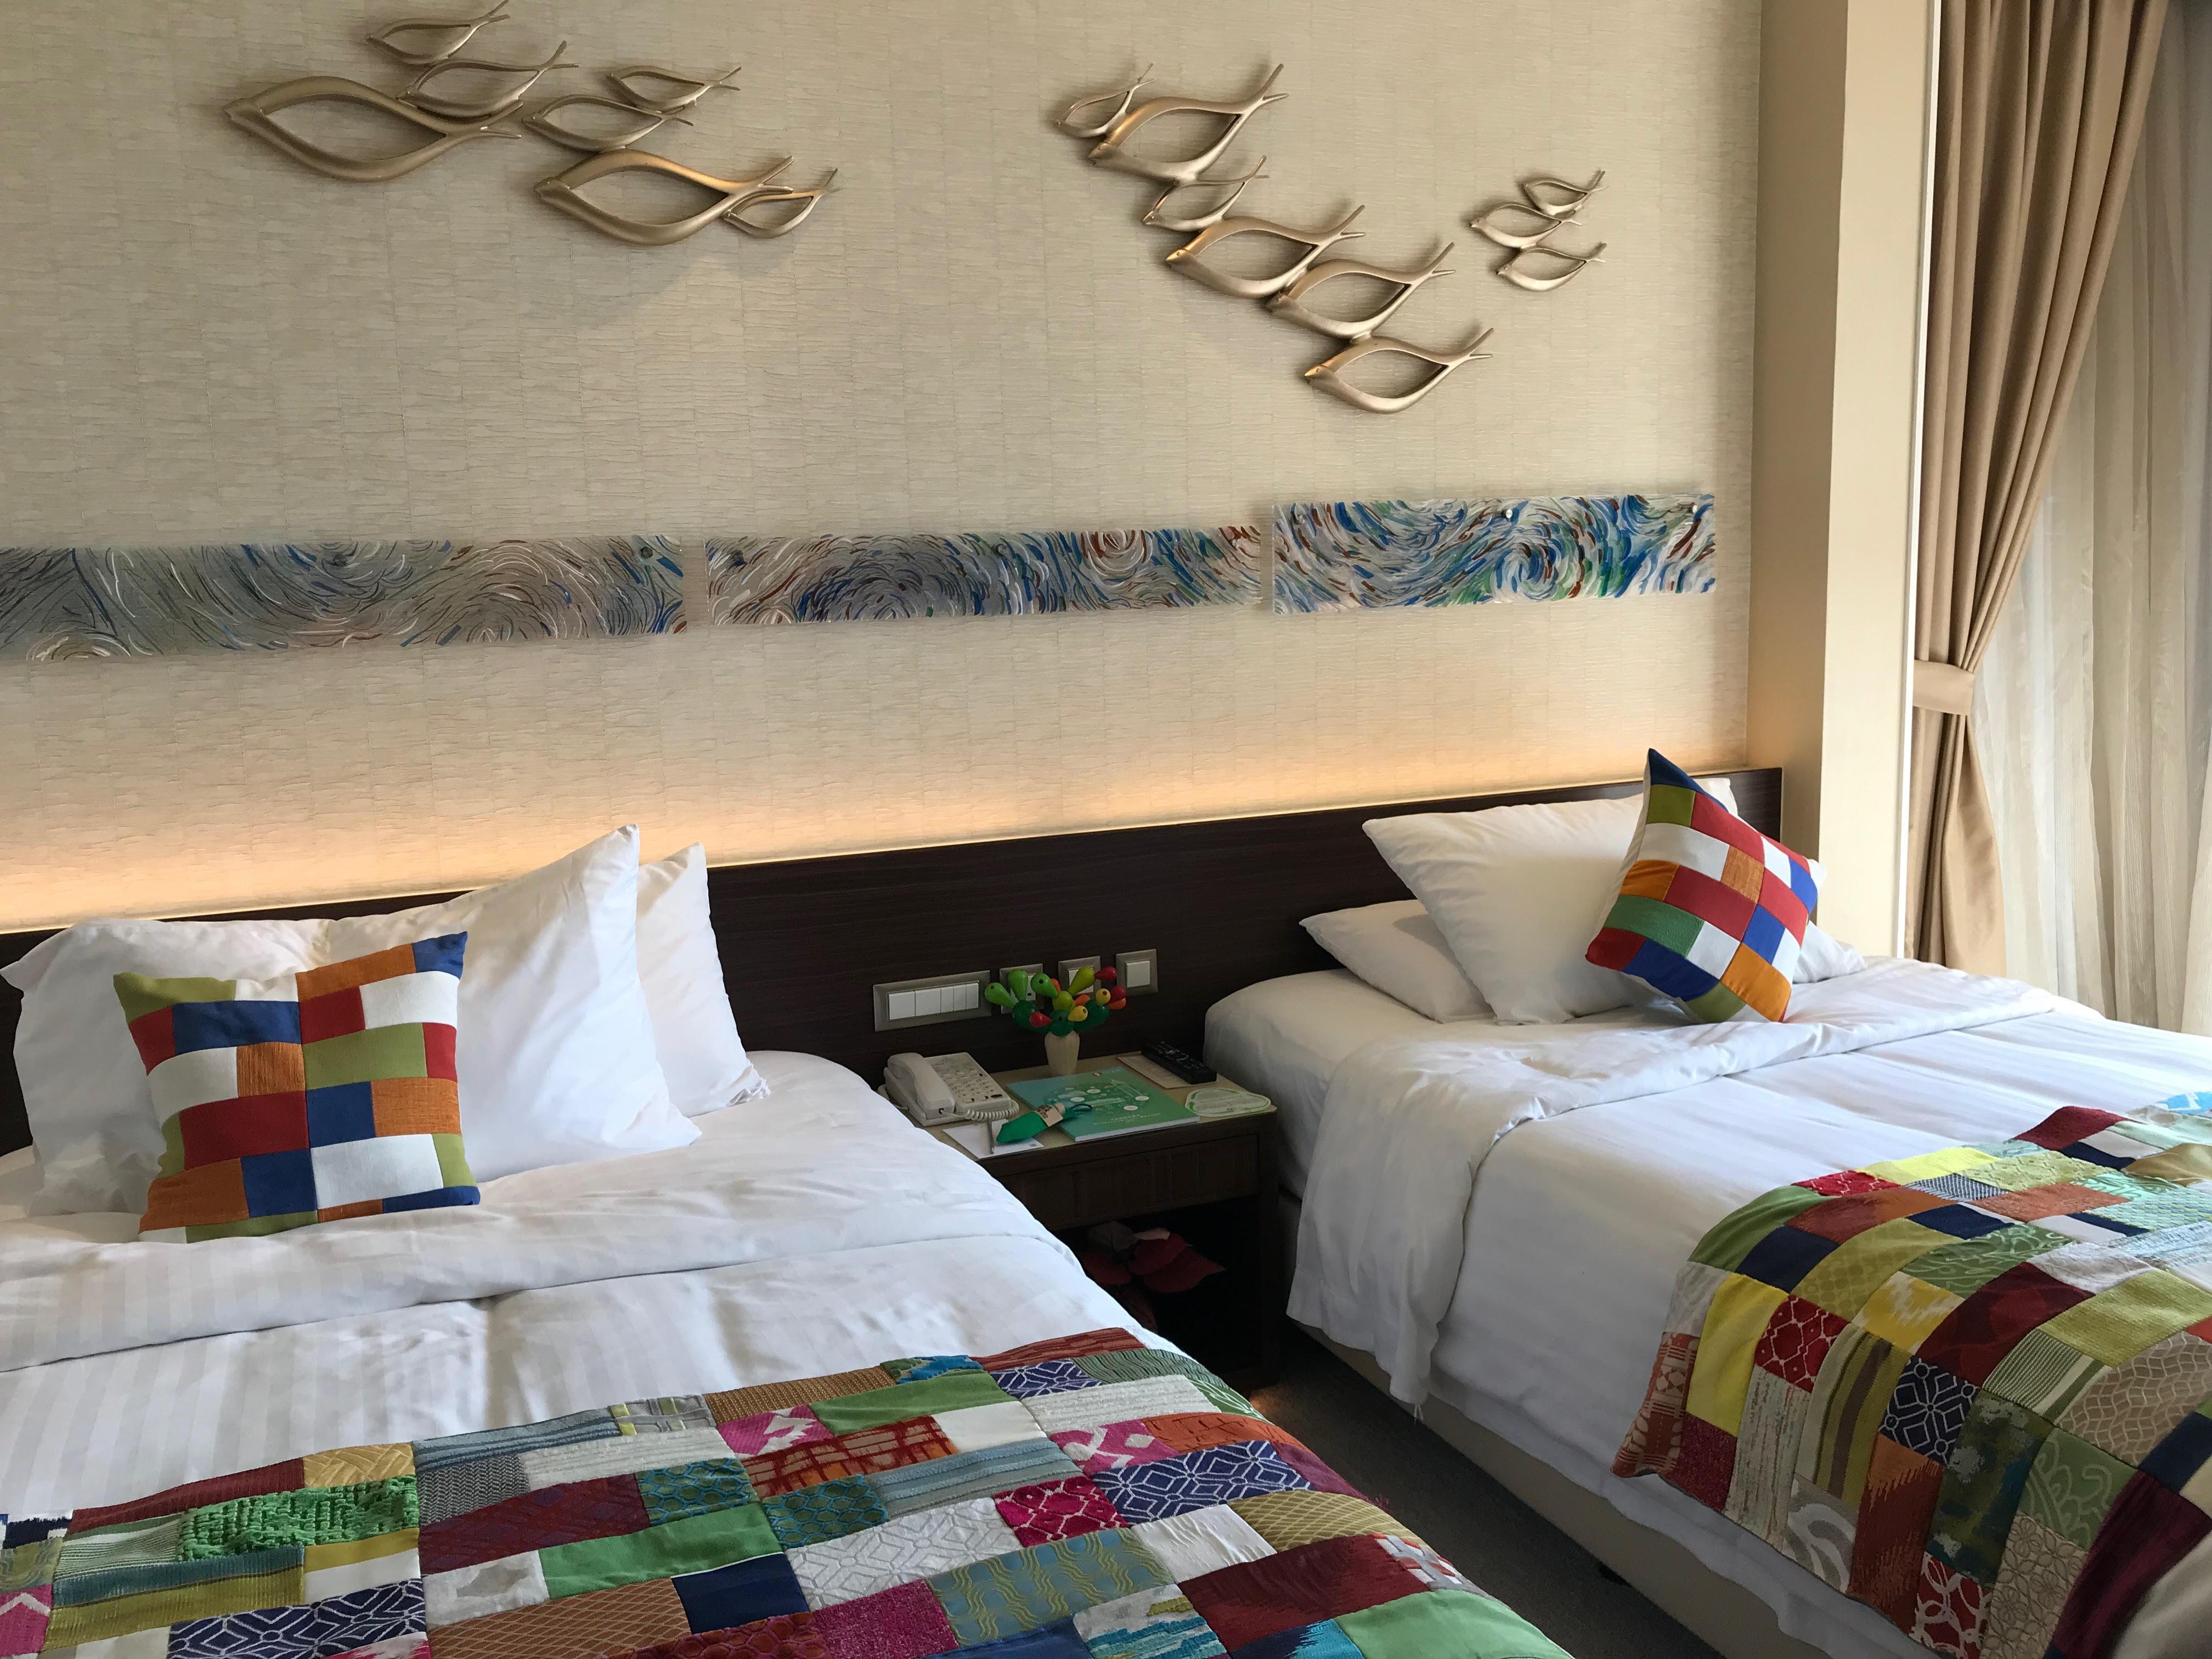 香港黃金海岸酒店    打造香港首間綠色升級再造主題客房